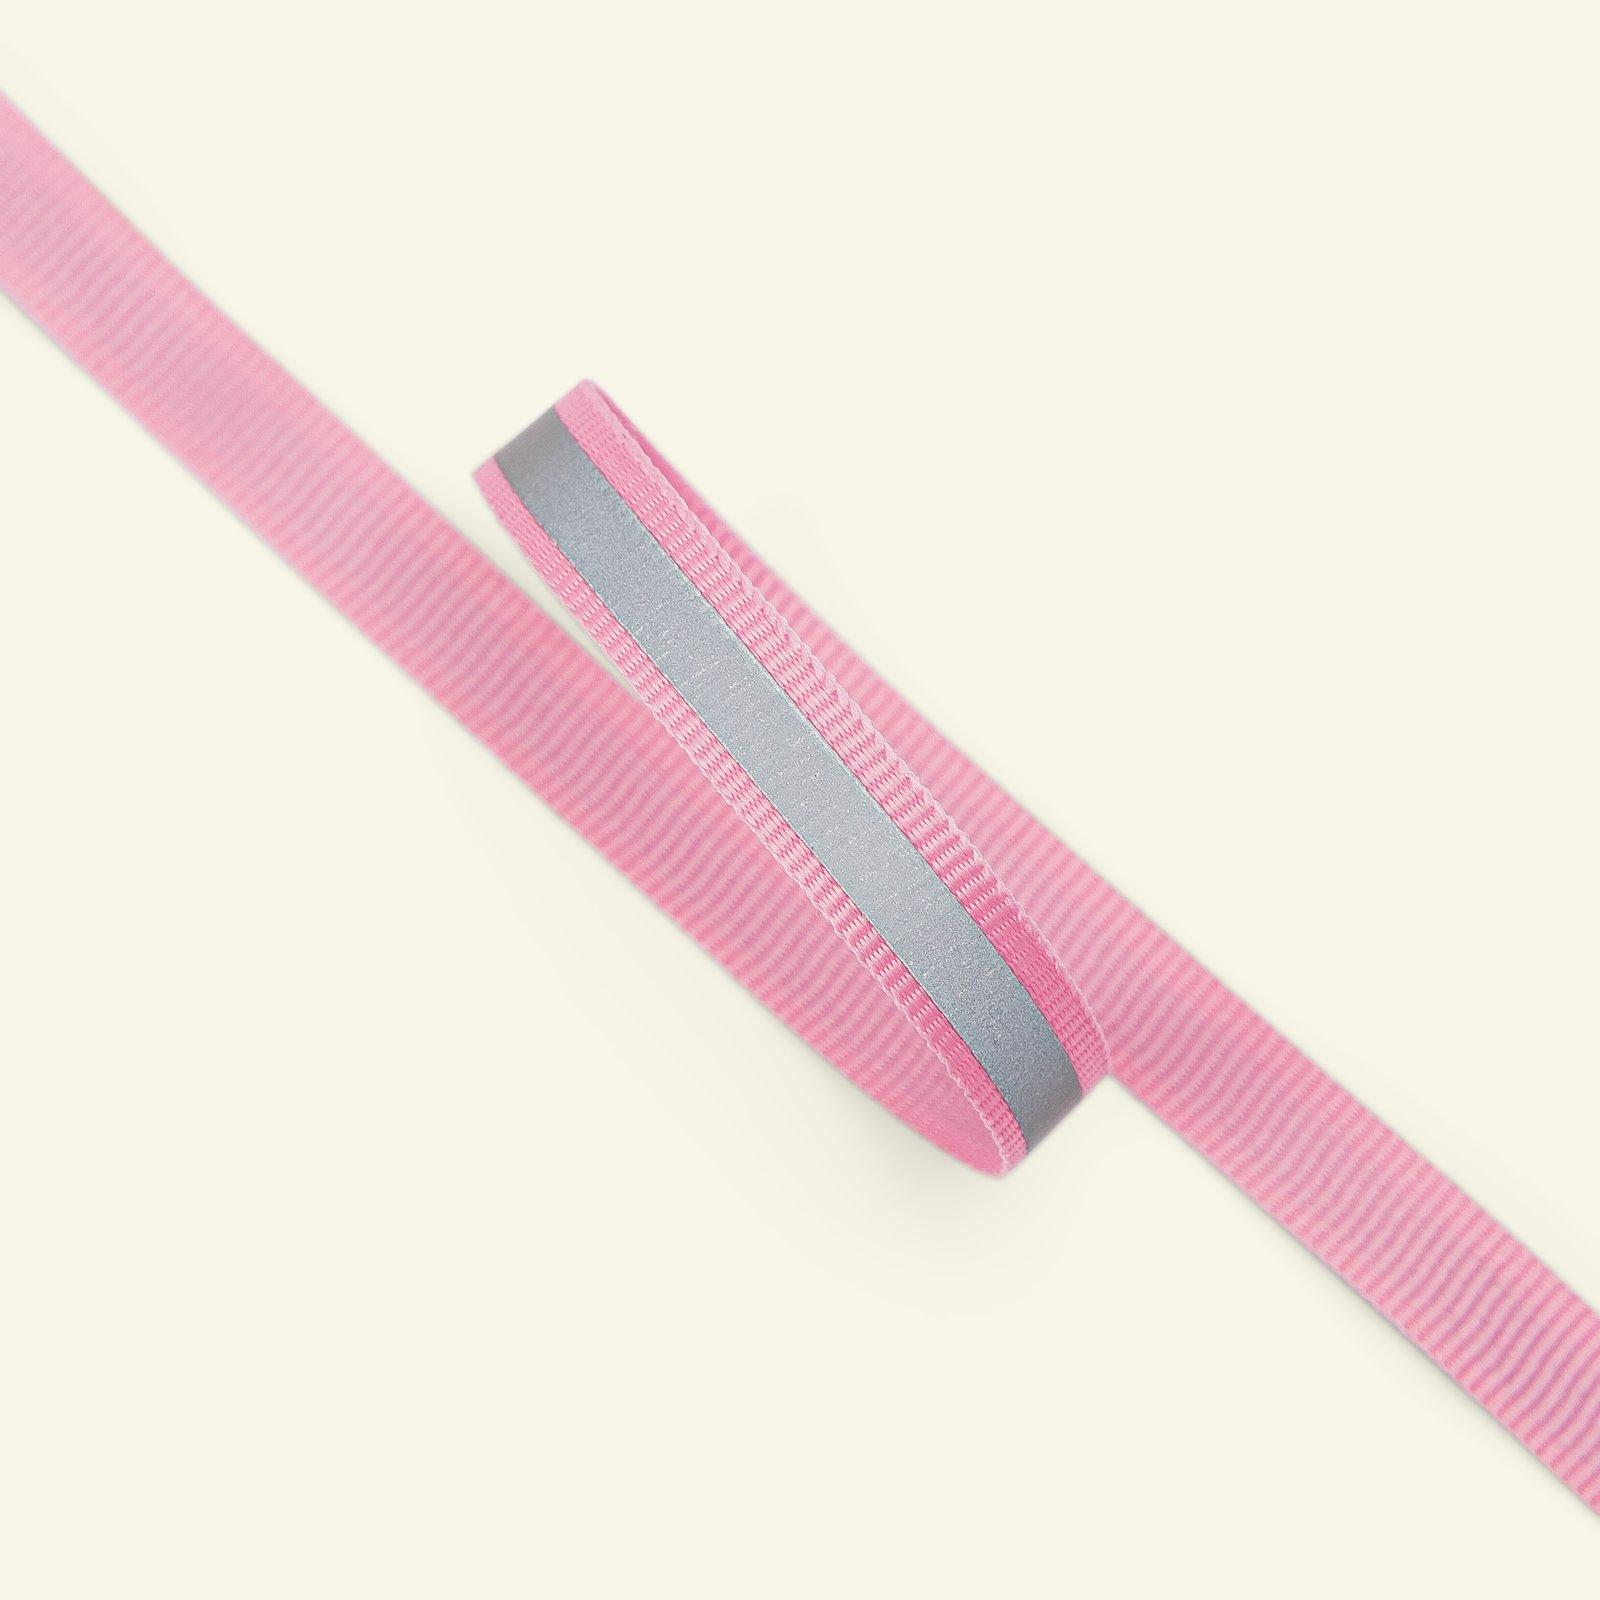 Band, Reflexeffekt 10mm Hellpink, 2m 22201_pack